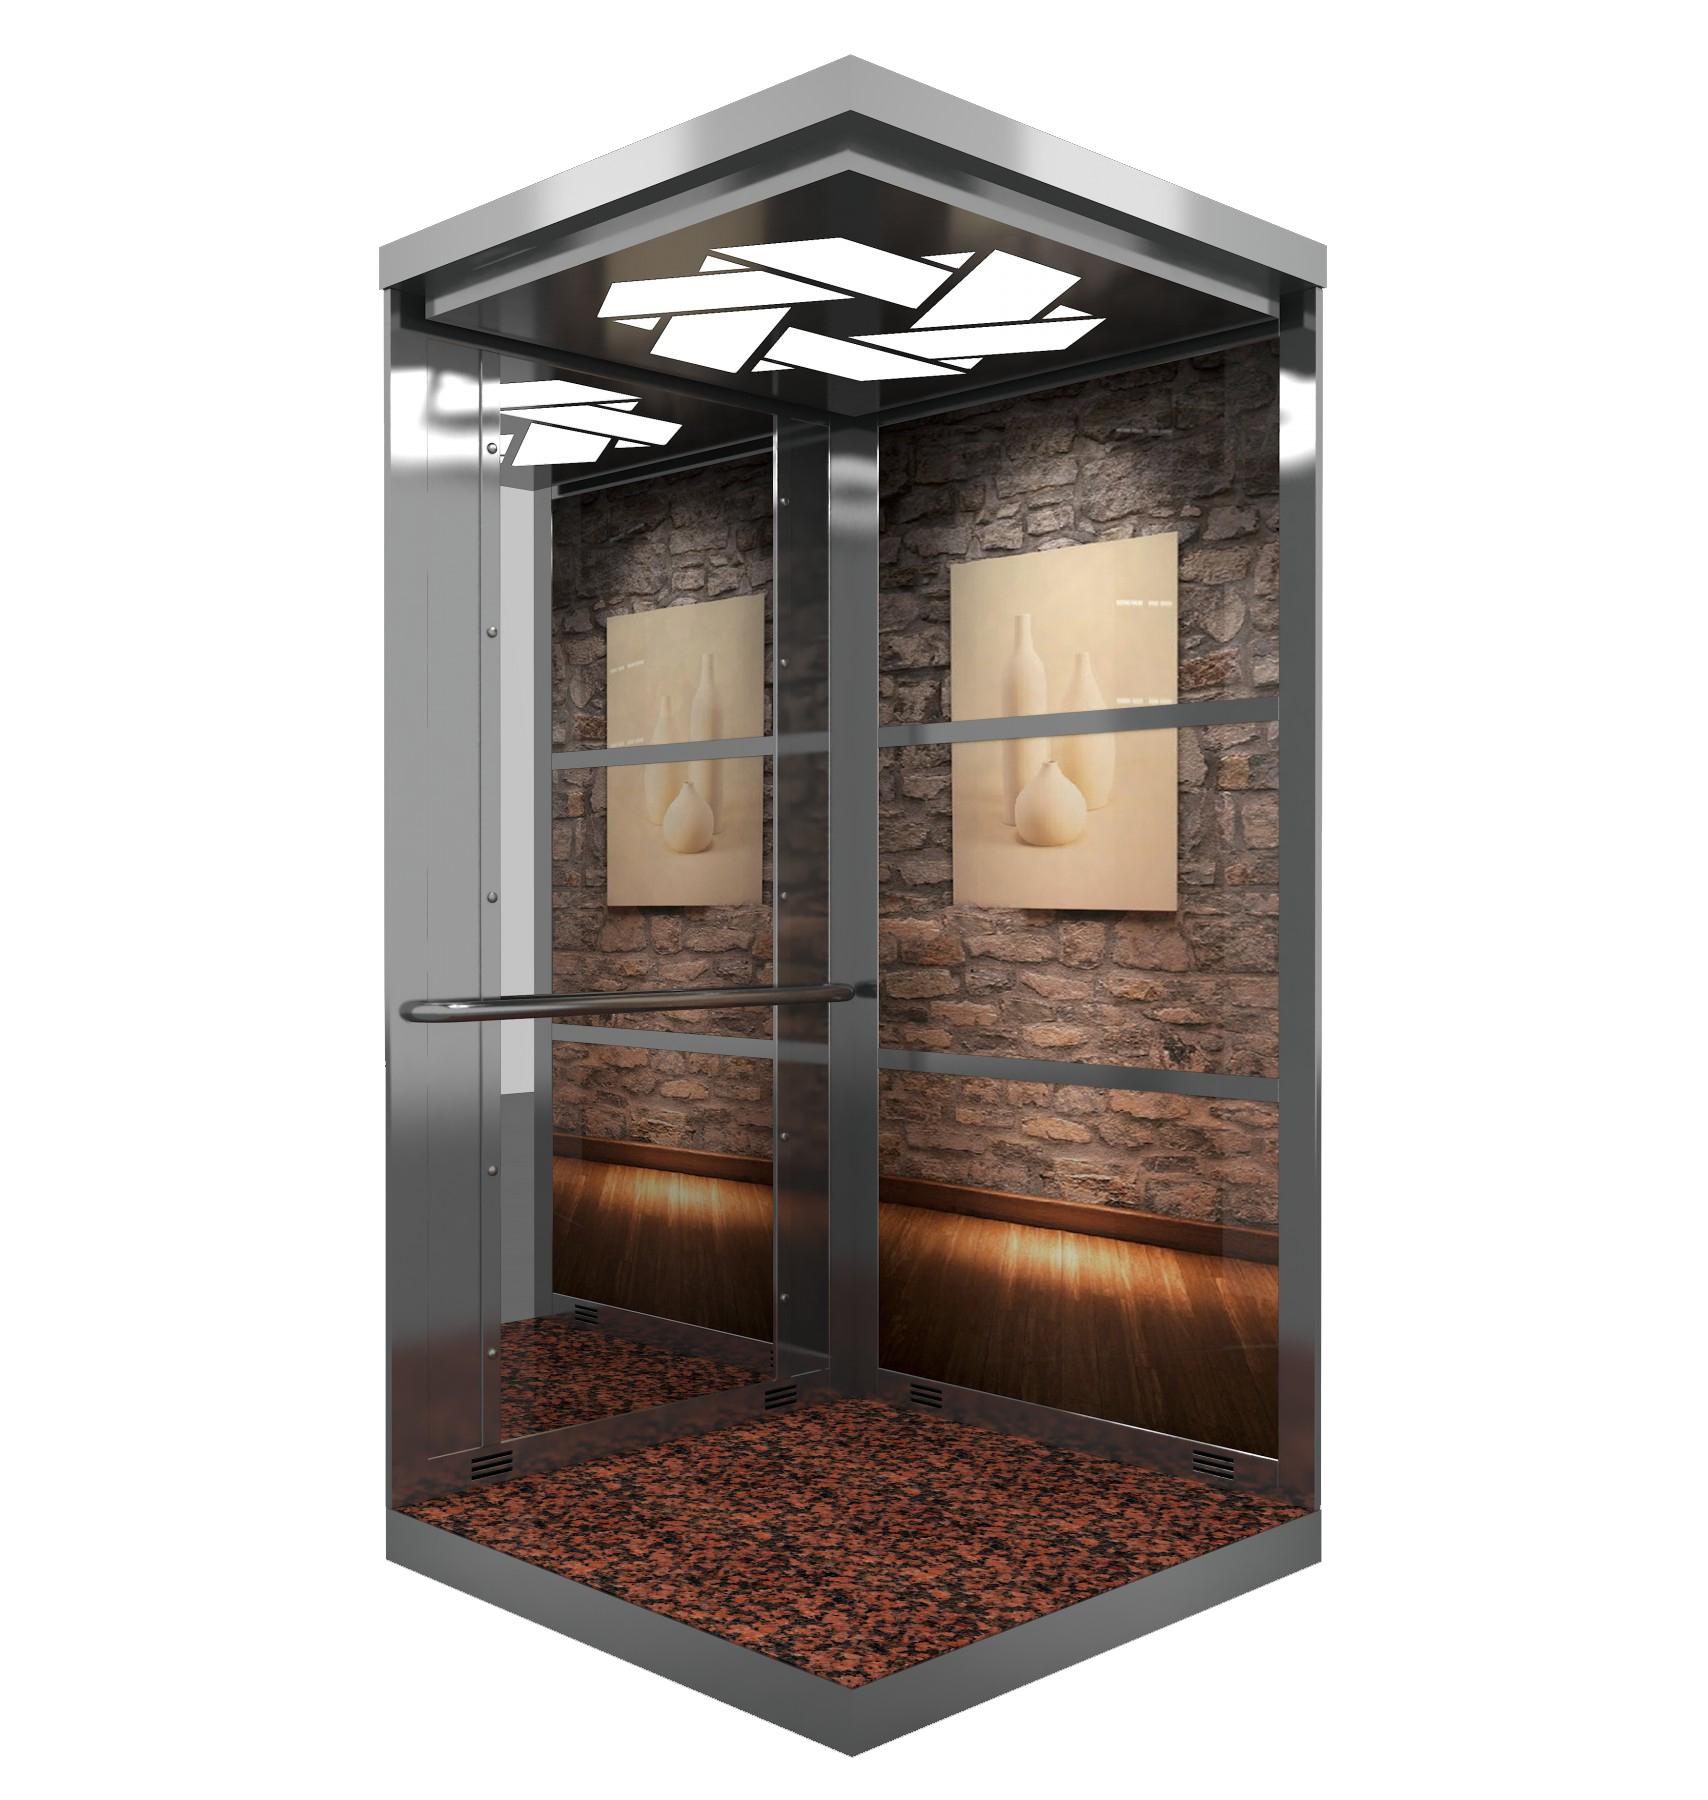 3 boyutlu asansör kabin Çizimleri 3 Boyutlu Asansör Kabin Çizimleri Asans  r Kabinleri 3 Boyutlu   izim www